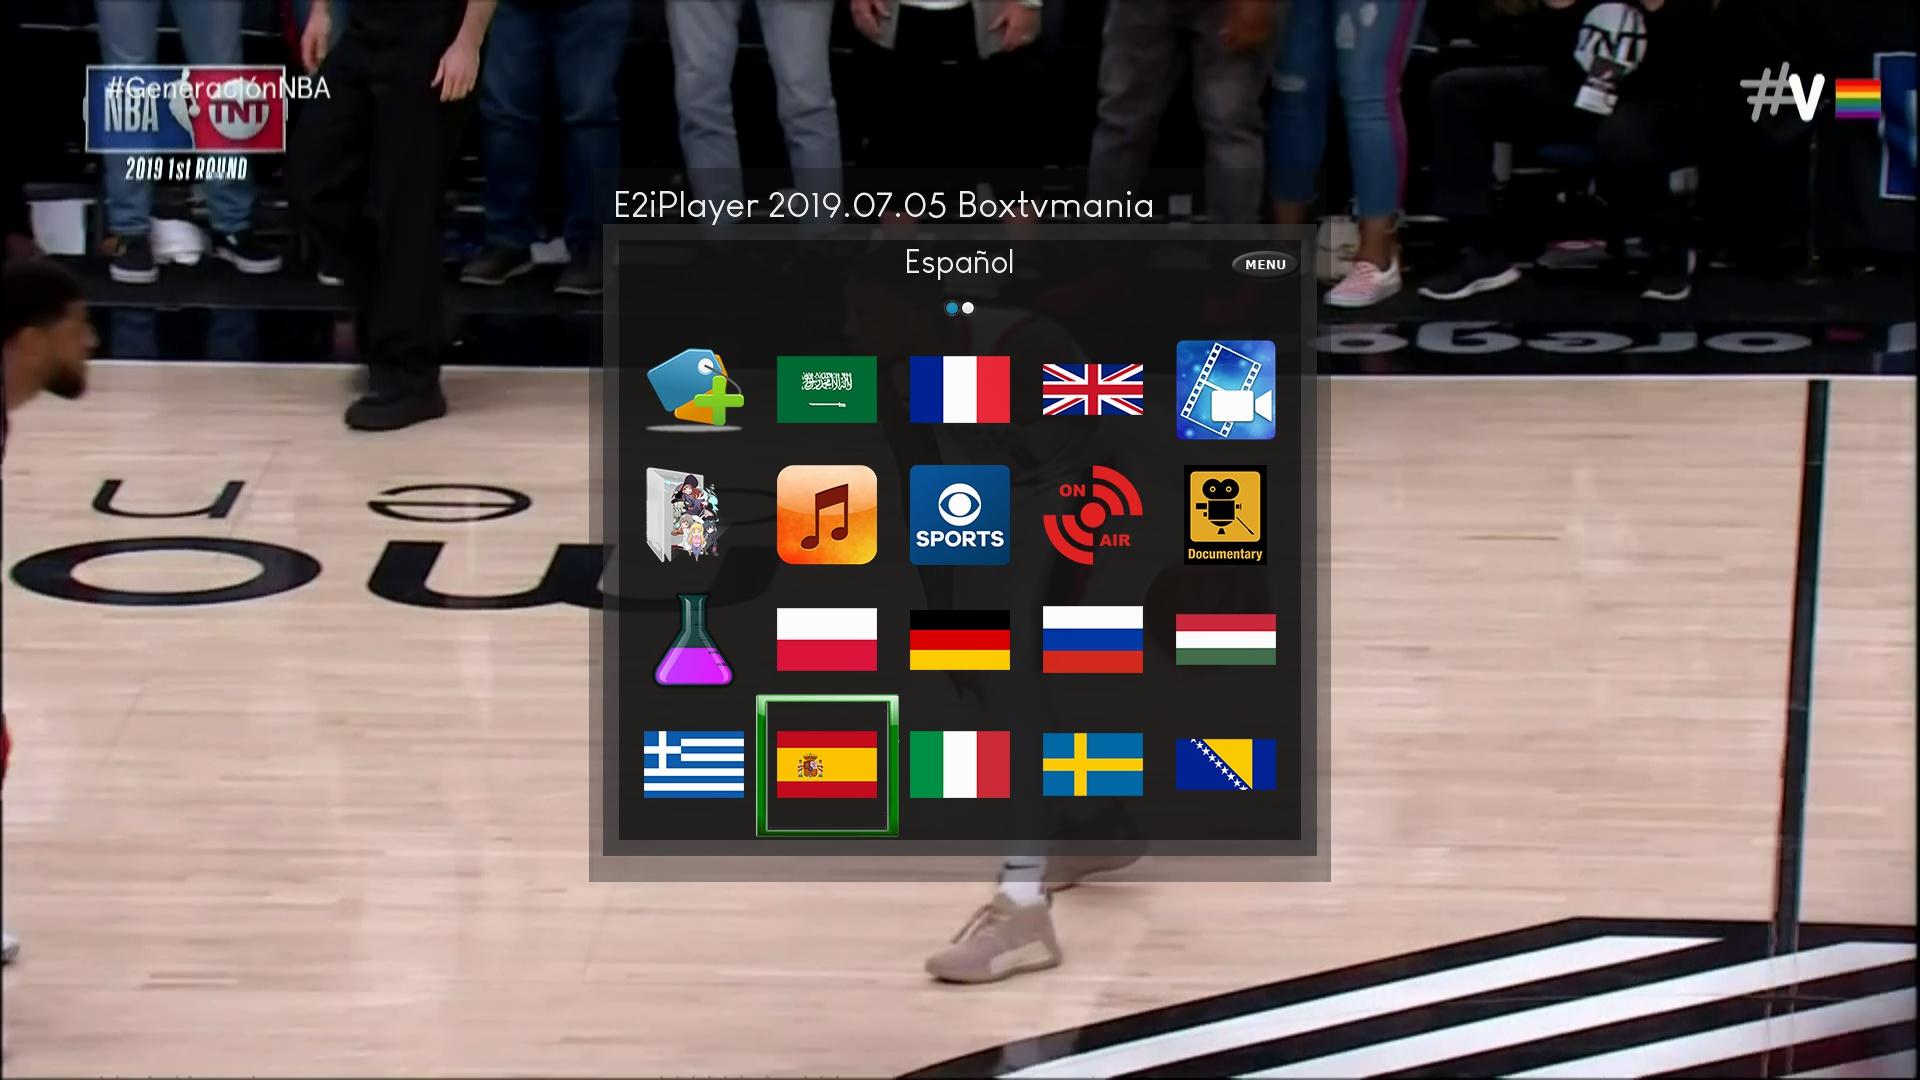 E2iplayer Actualizacion 05/07/2019 – boxtvmania